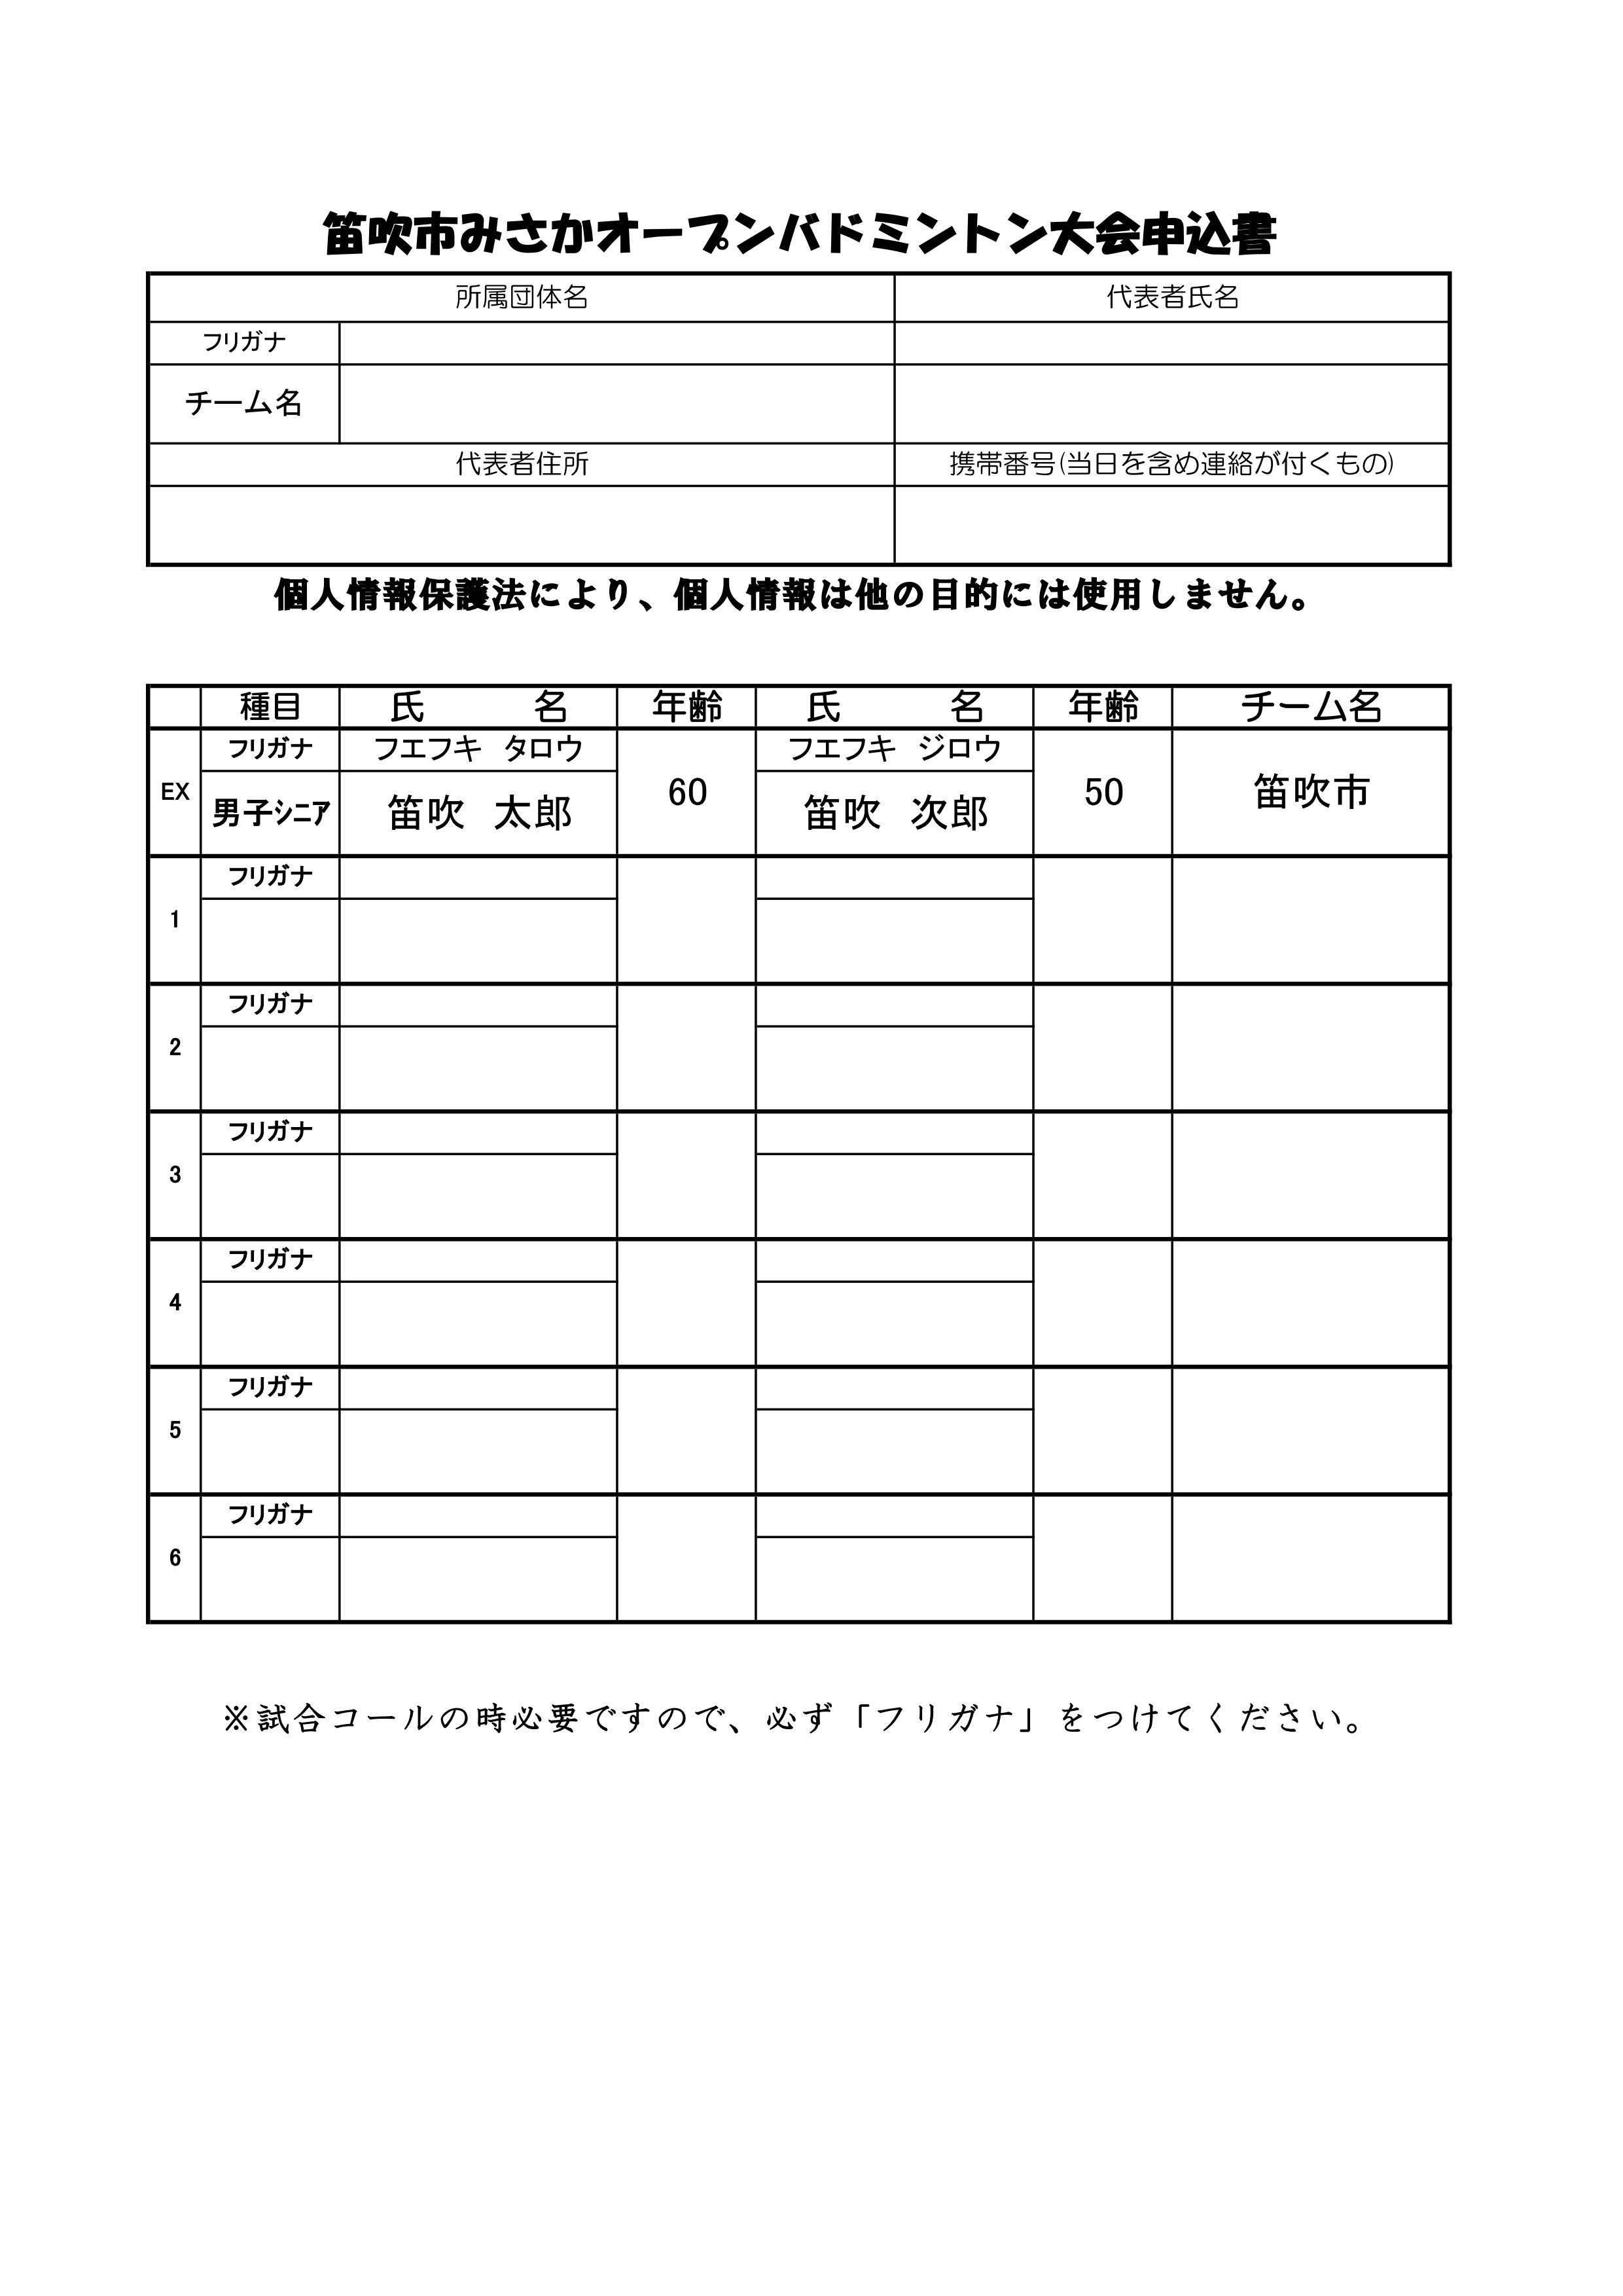 18申込用紙